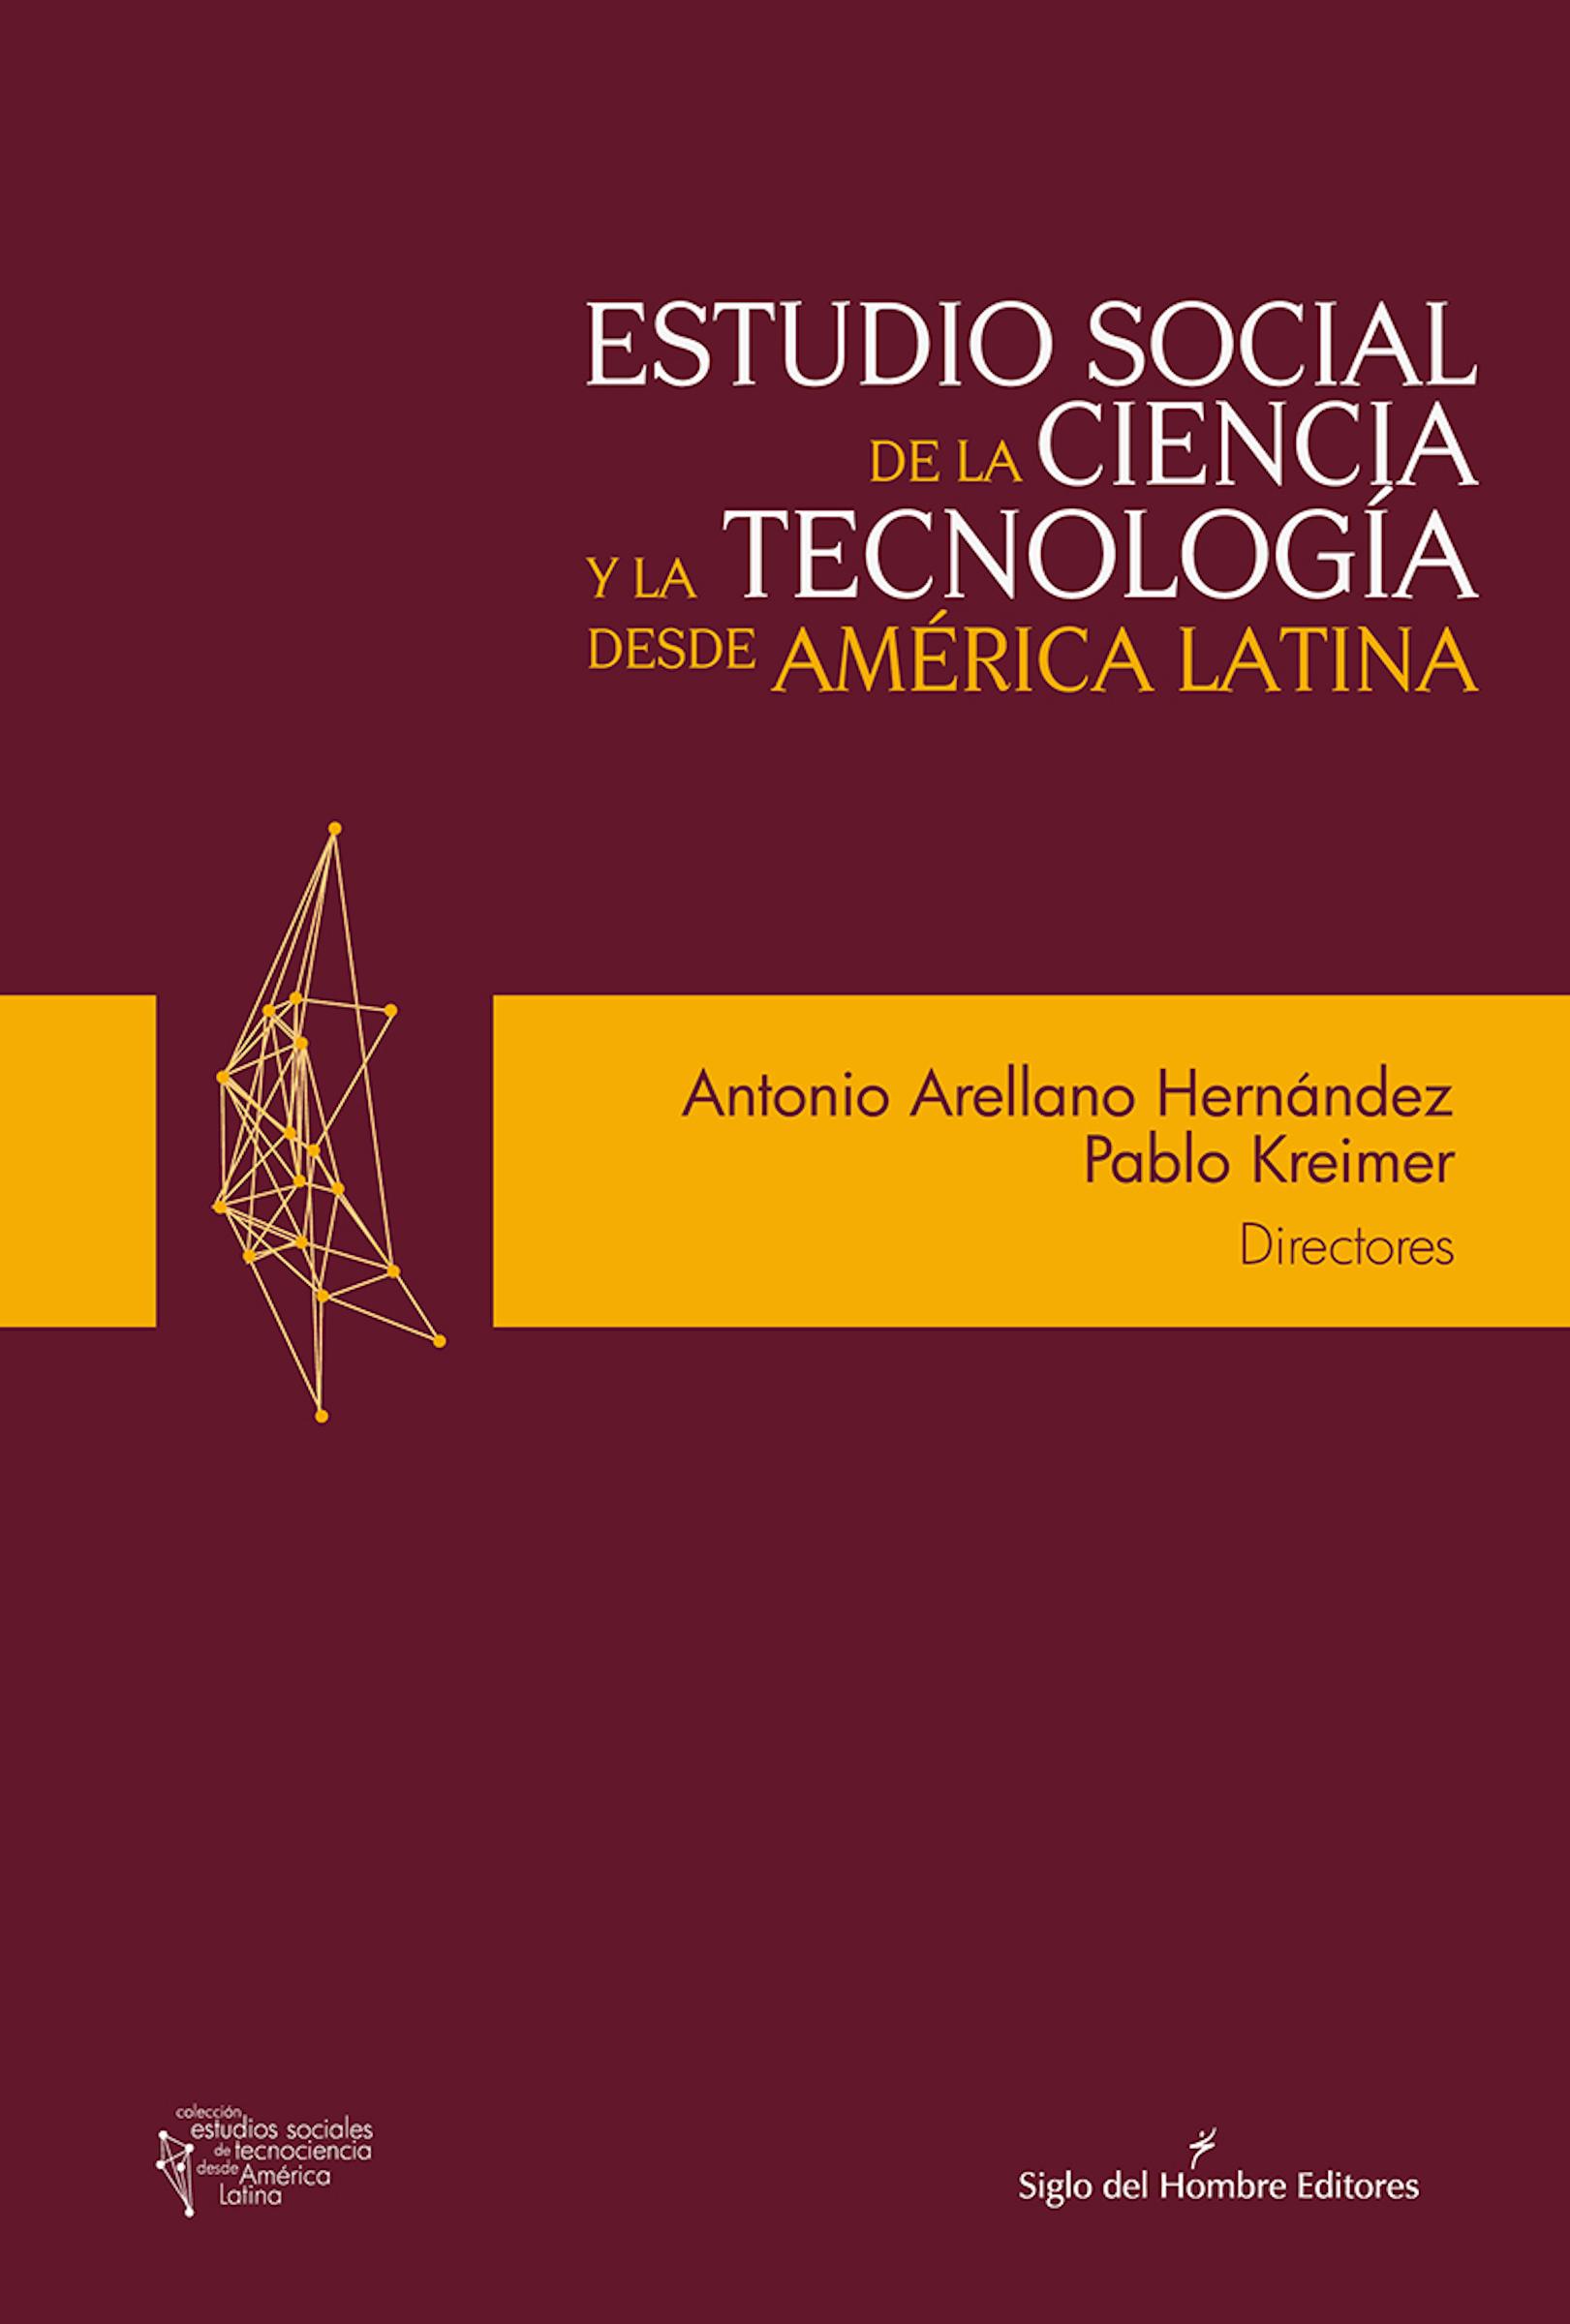 Antonio Arellano Hernández Estudio social de la ciencia y la tecnología desde América Latina